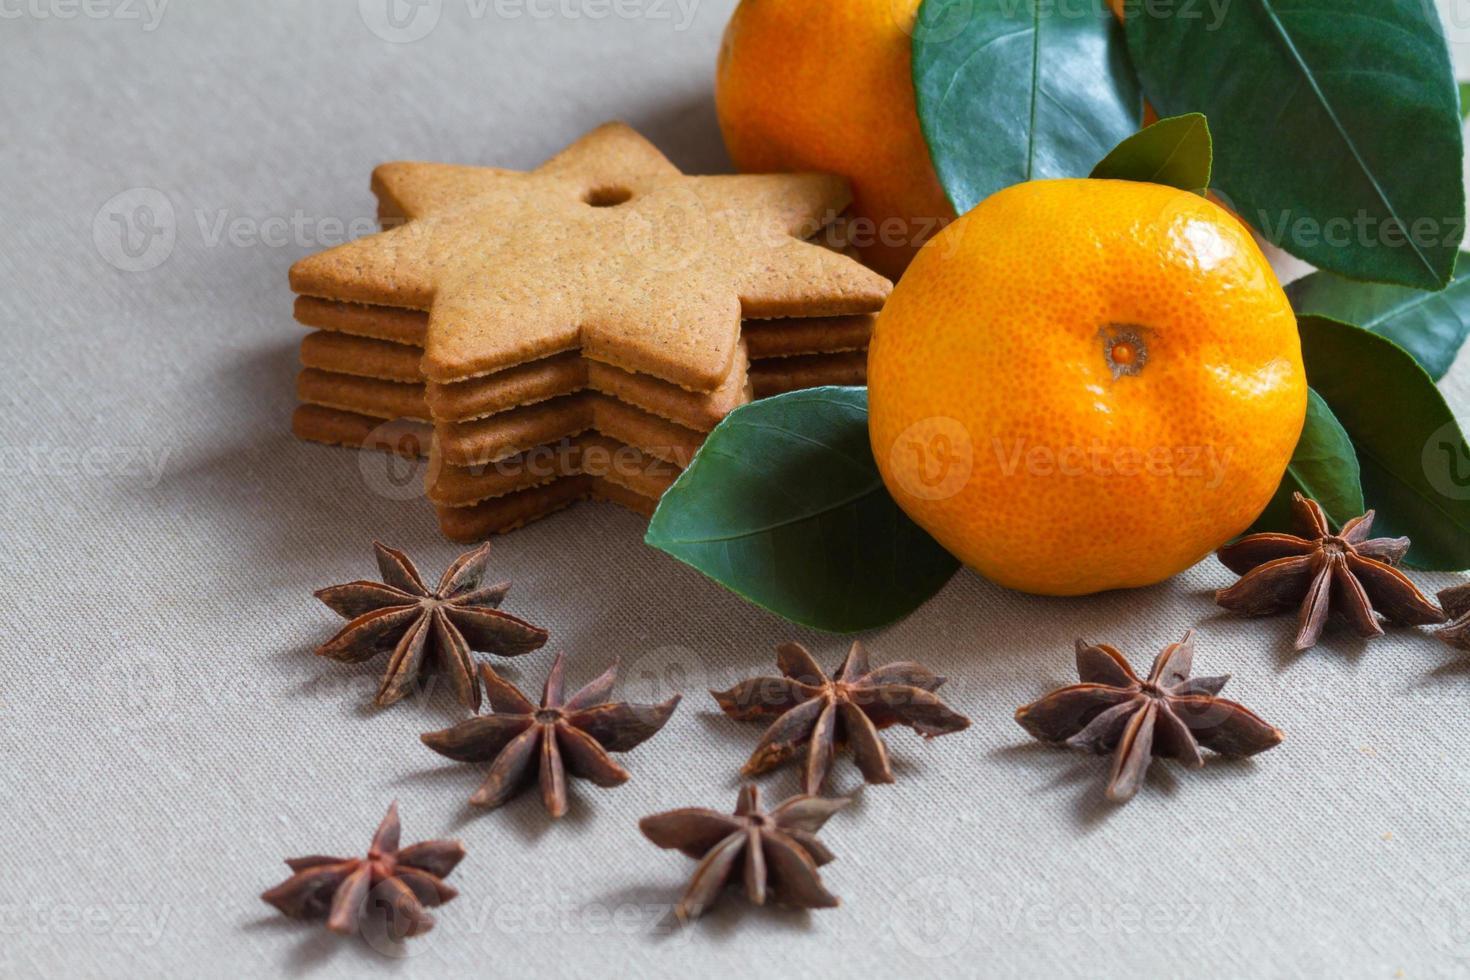 mandarijn en koekjes foto